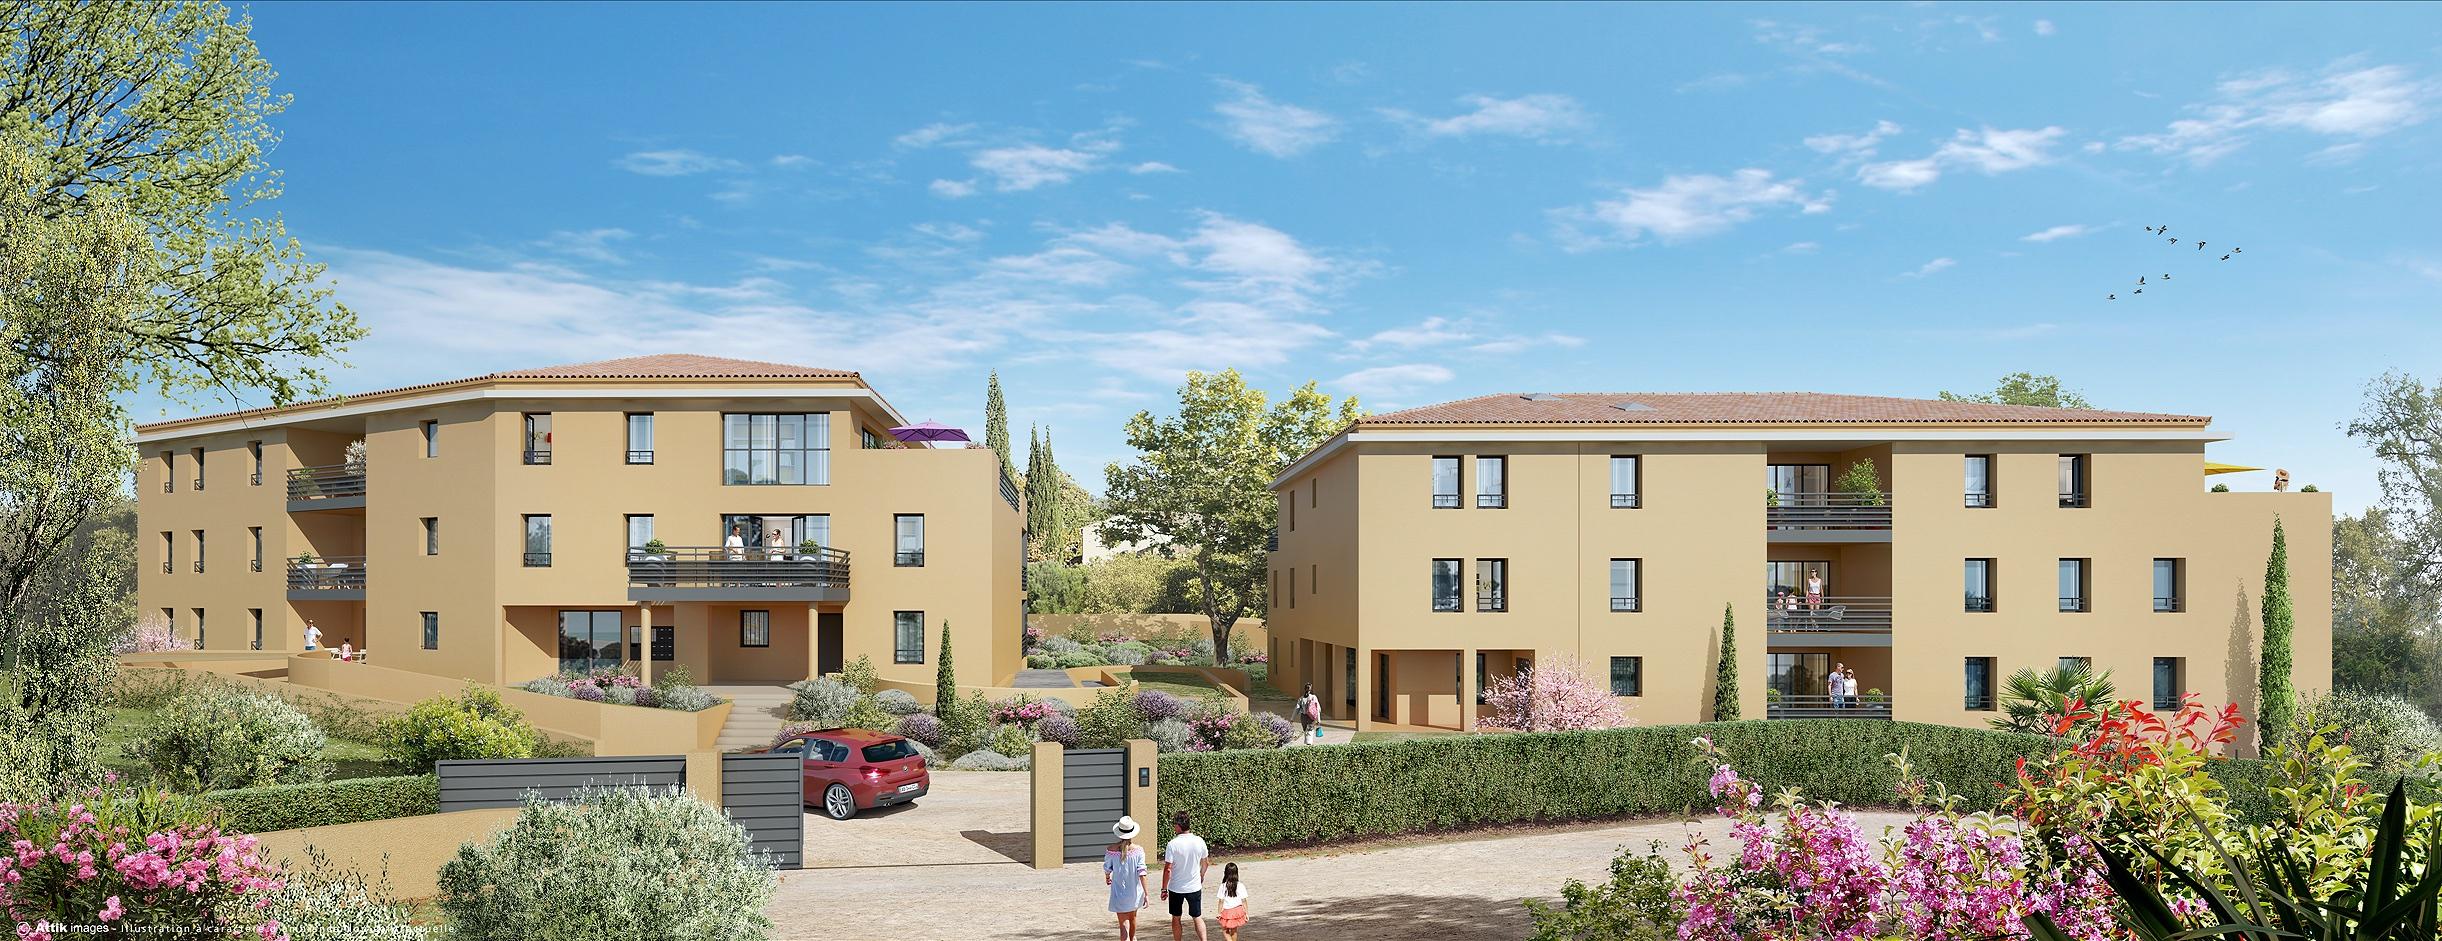 Programme immobilier Aix-En-Provence (13100) Quartier au calme OGI32